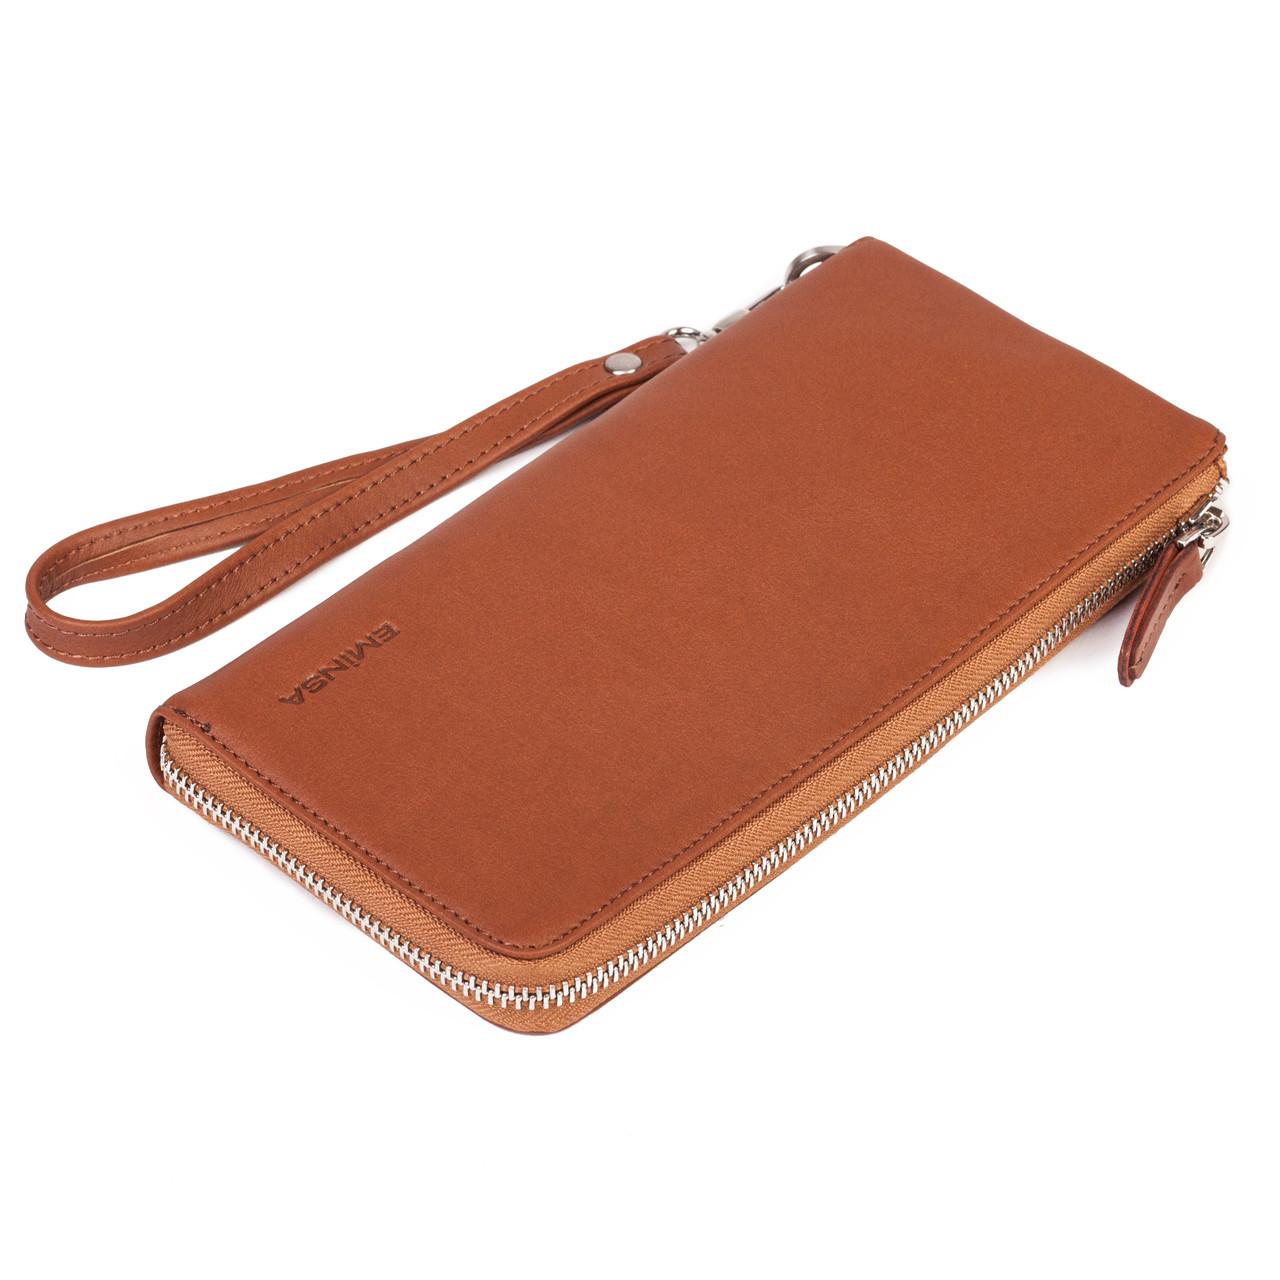 8088887348cd Мужское портмоне кожаное коричневое Eminsa 2104-3-2 - FainaModa магазин  кожаных изделий в